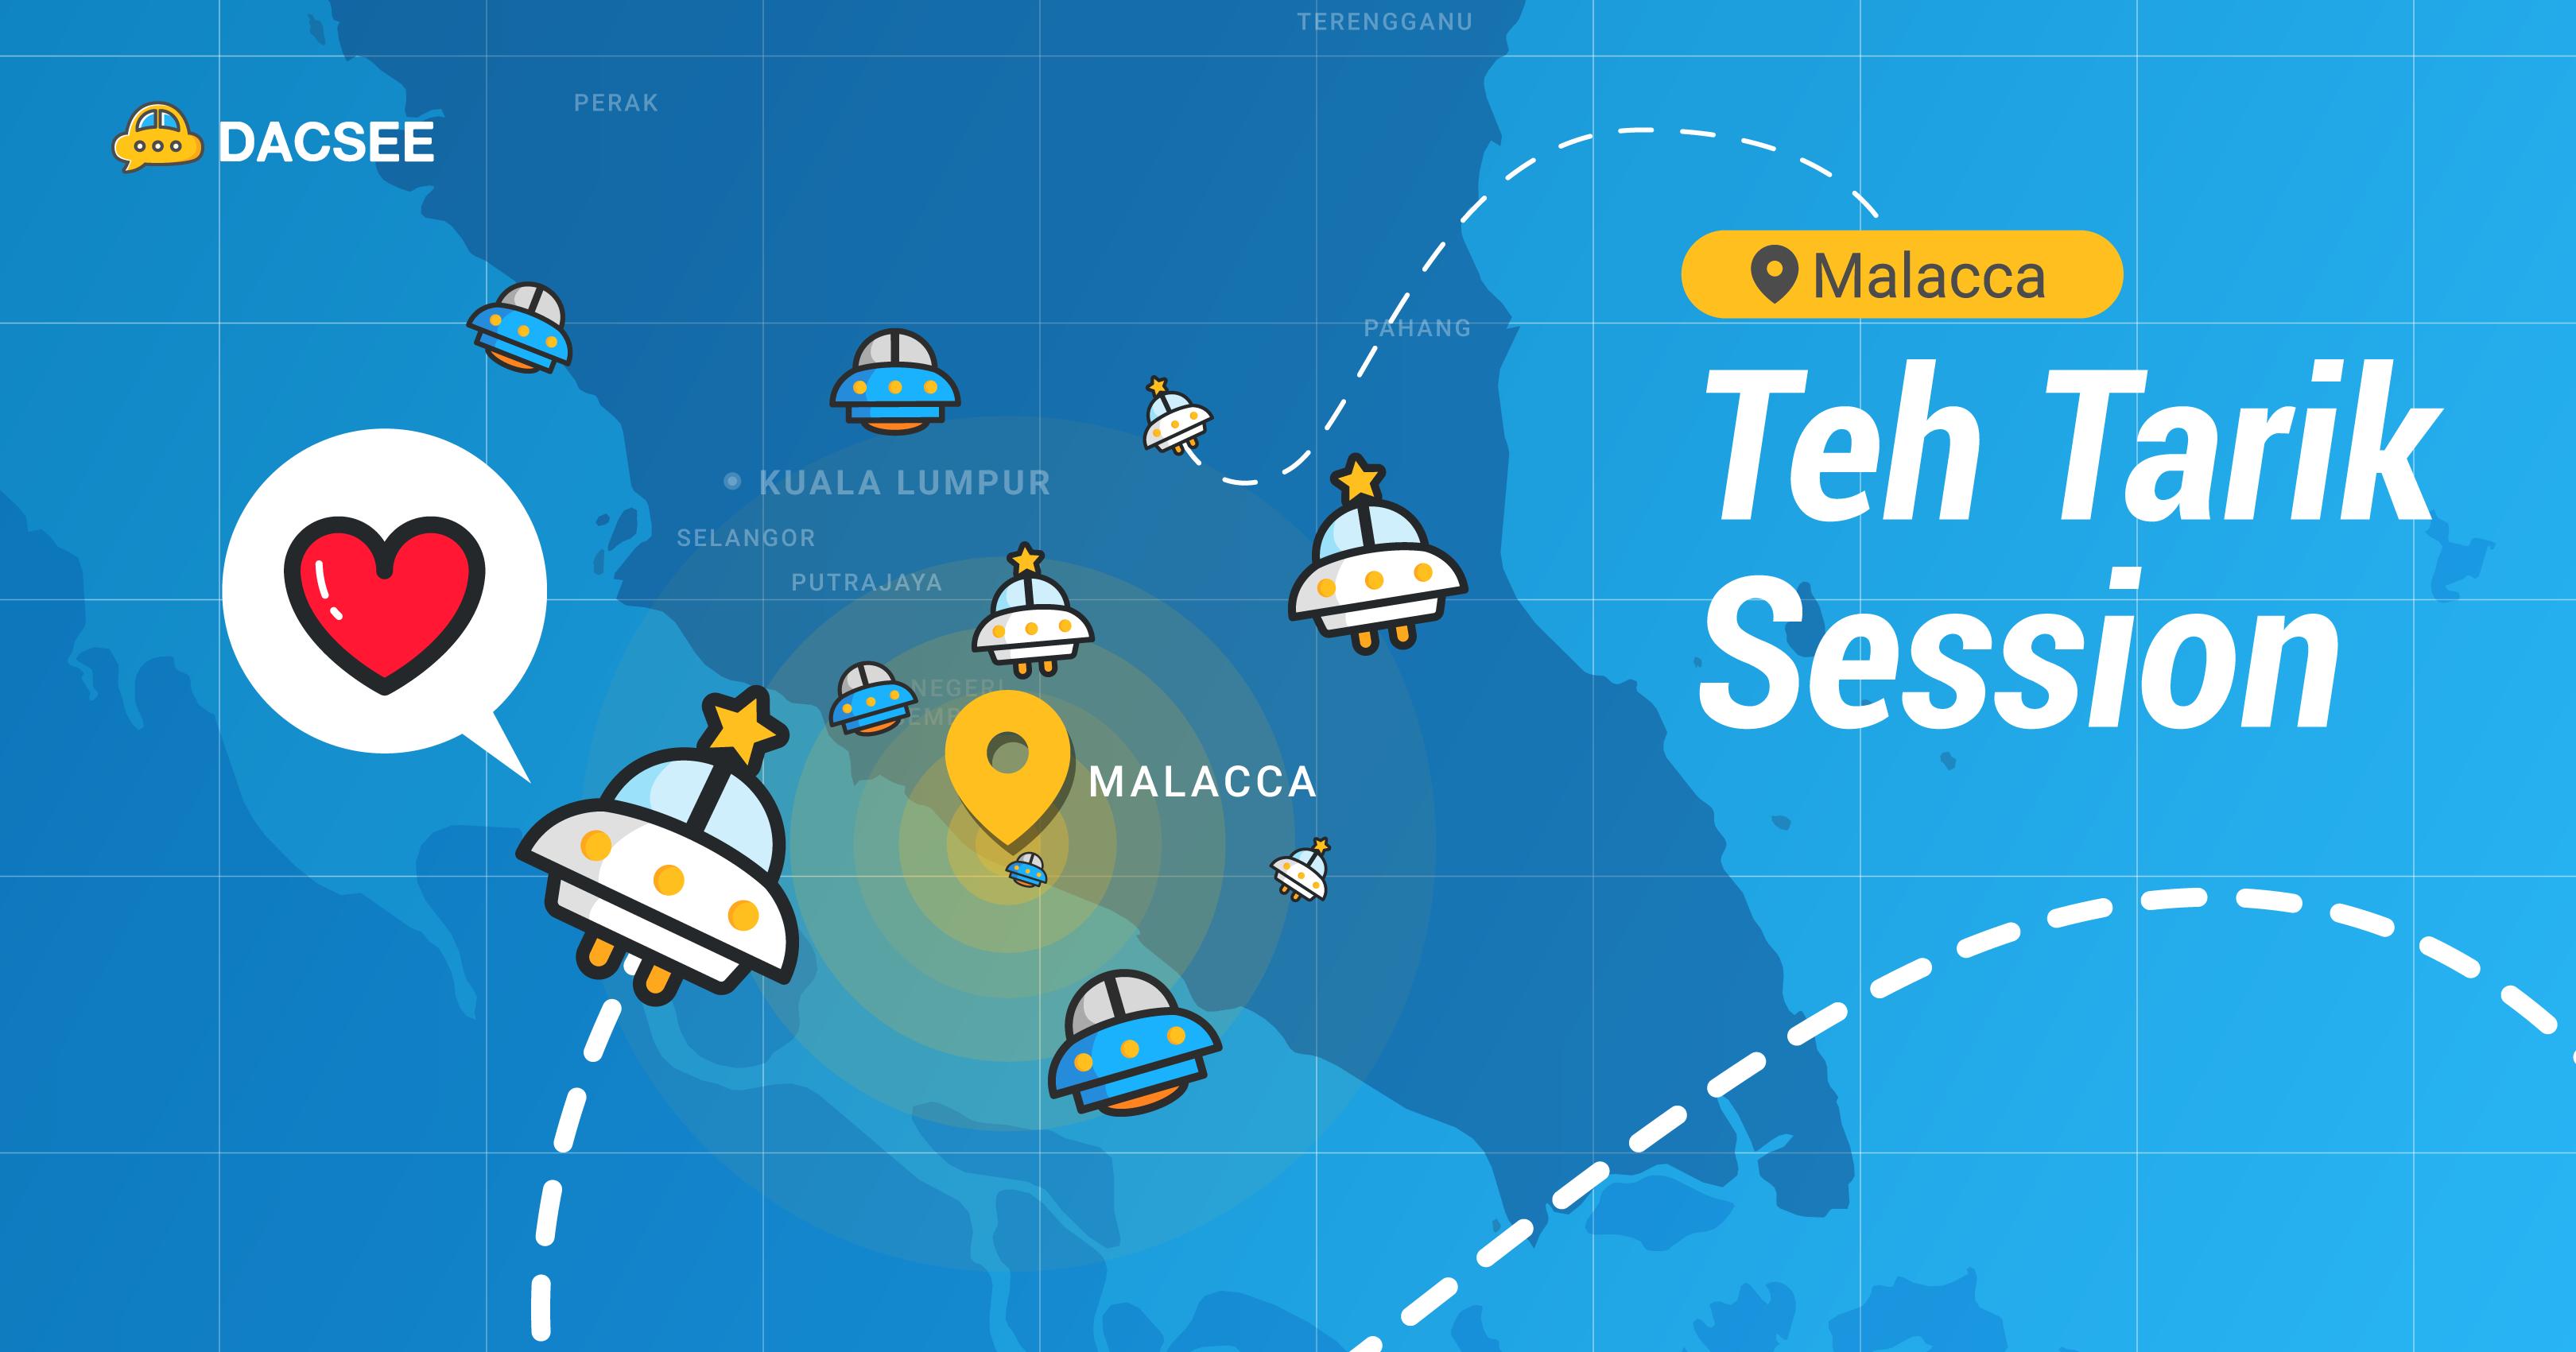 DACSEE Teh Tarik – Malacca